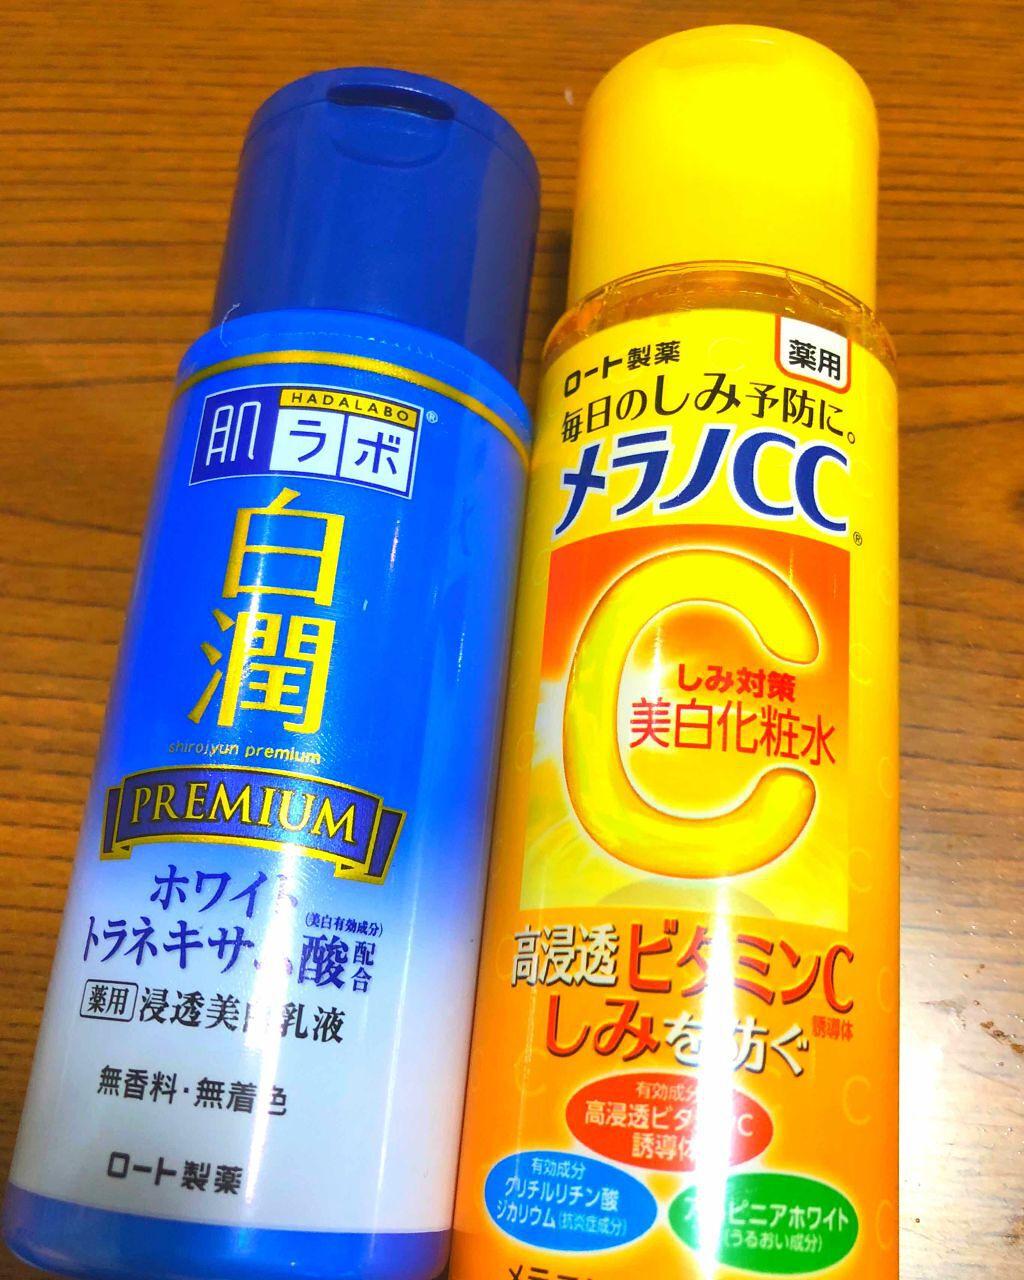 メラノ シーシー 化粧 水